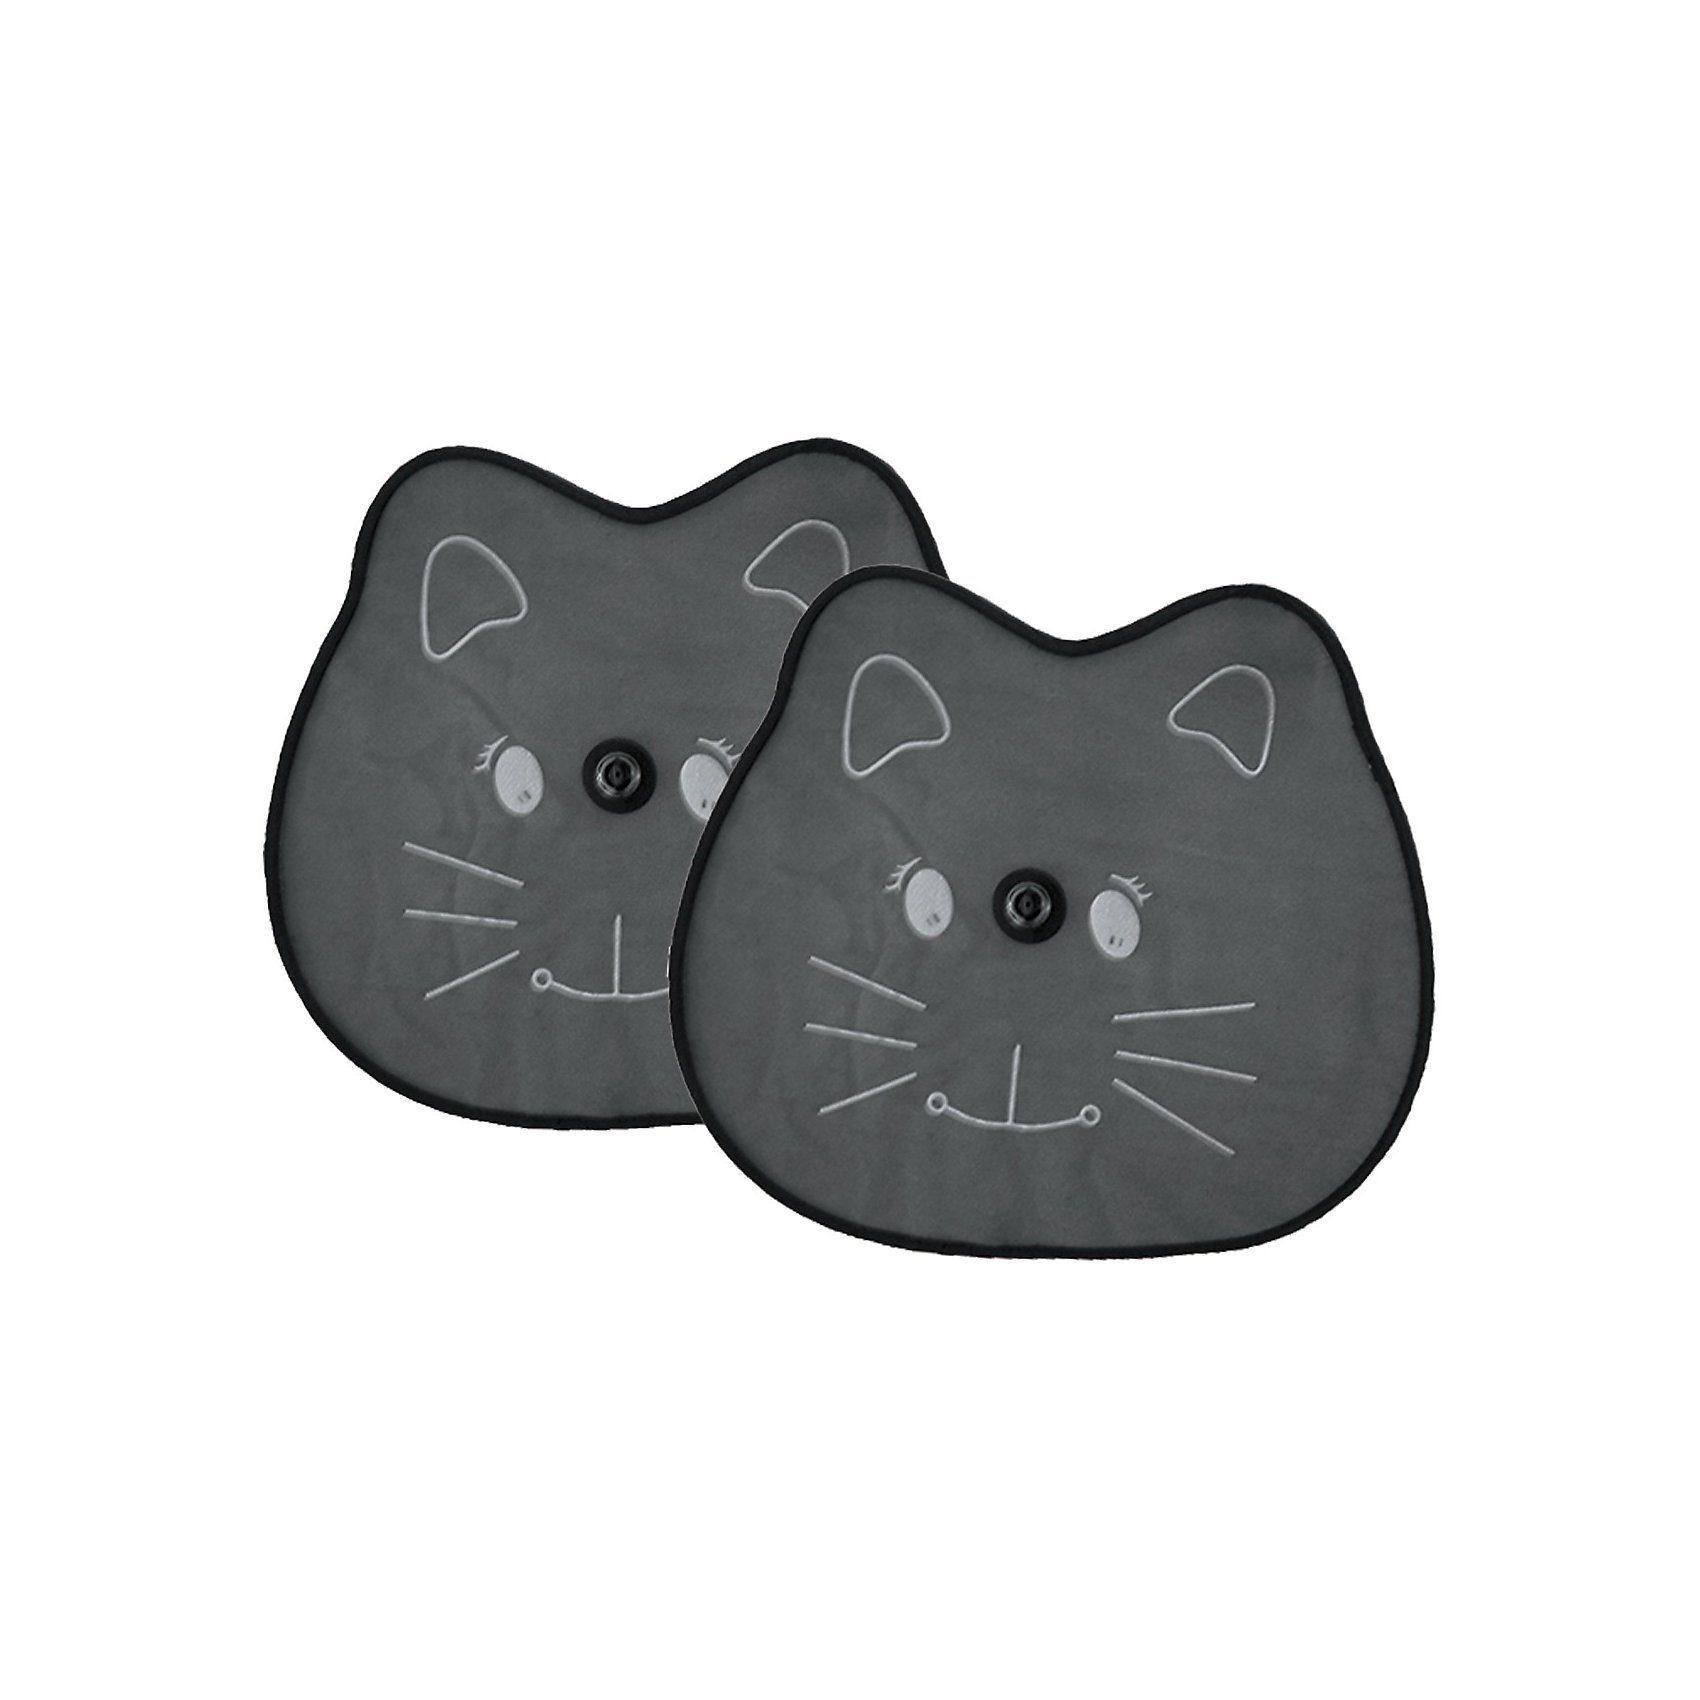 Kaufmann Sonnenschutz für die Seitenscheibe, Katze, 2er Pack